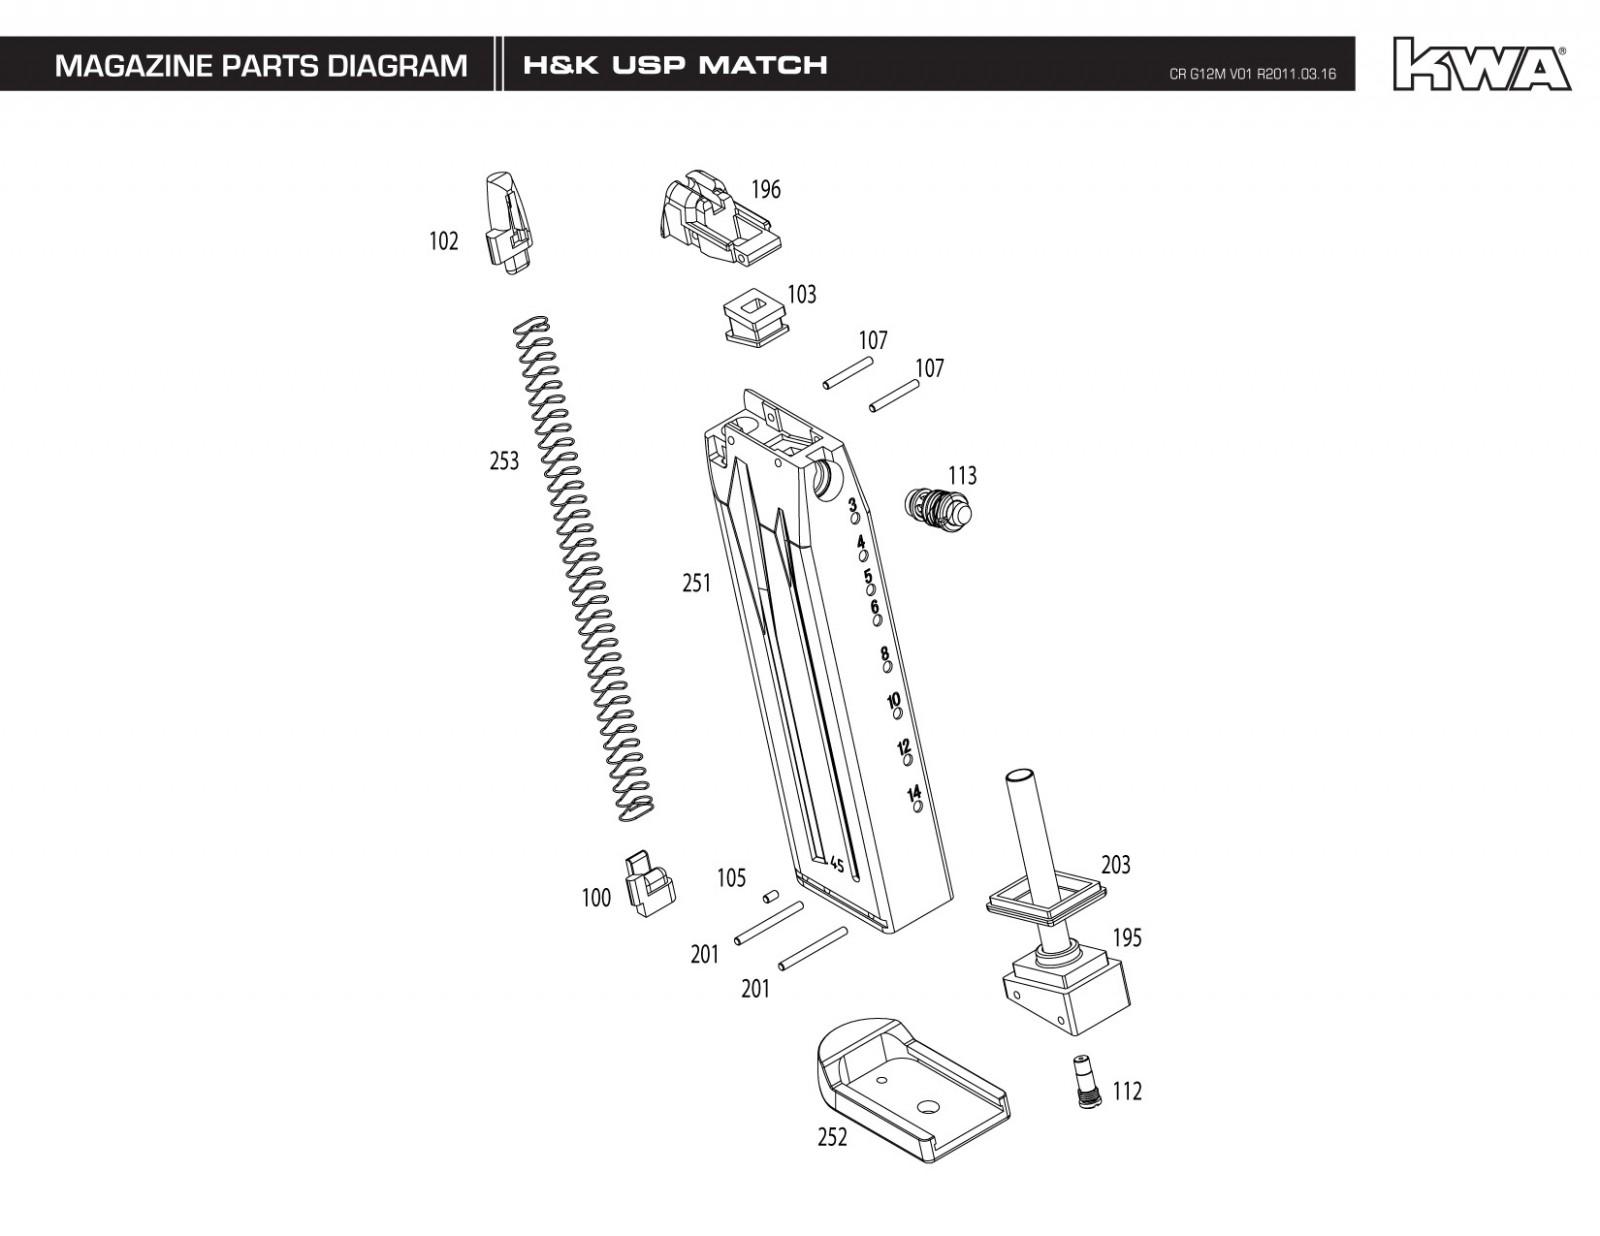 KWA/Umarex USP Match Exploded Diagram